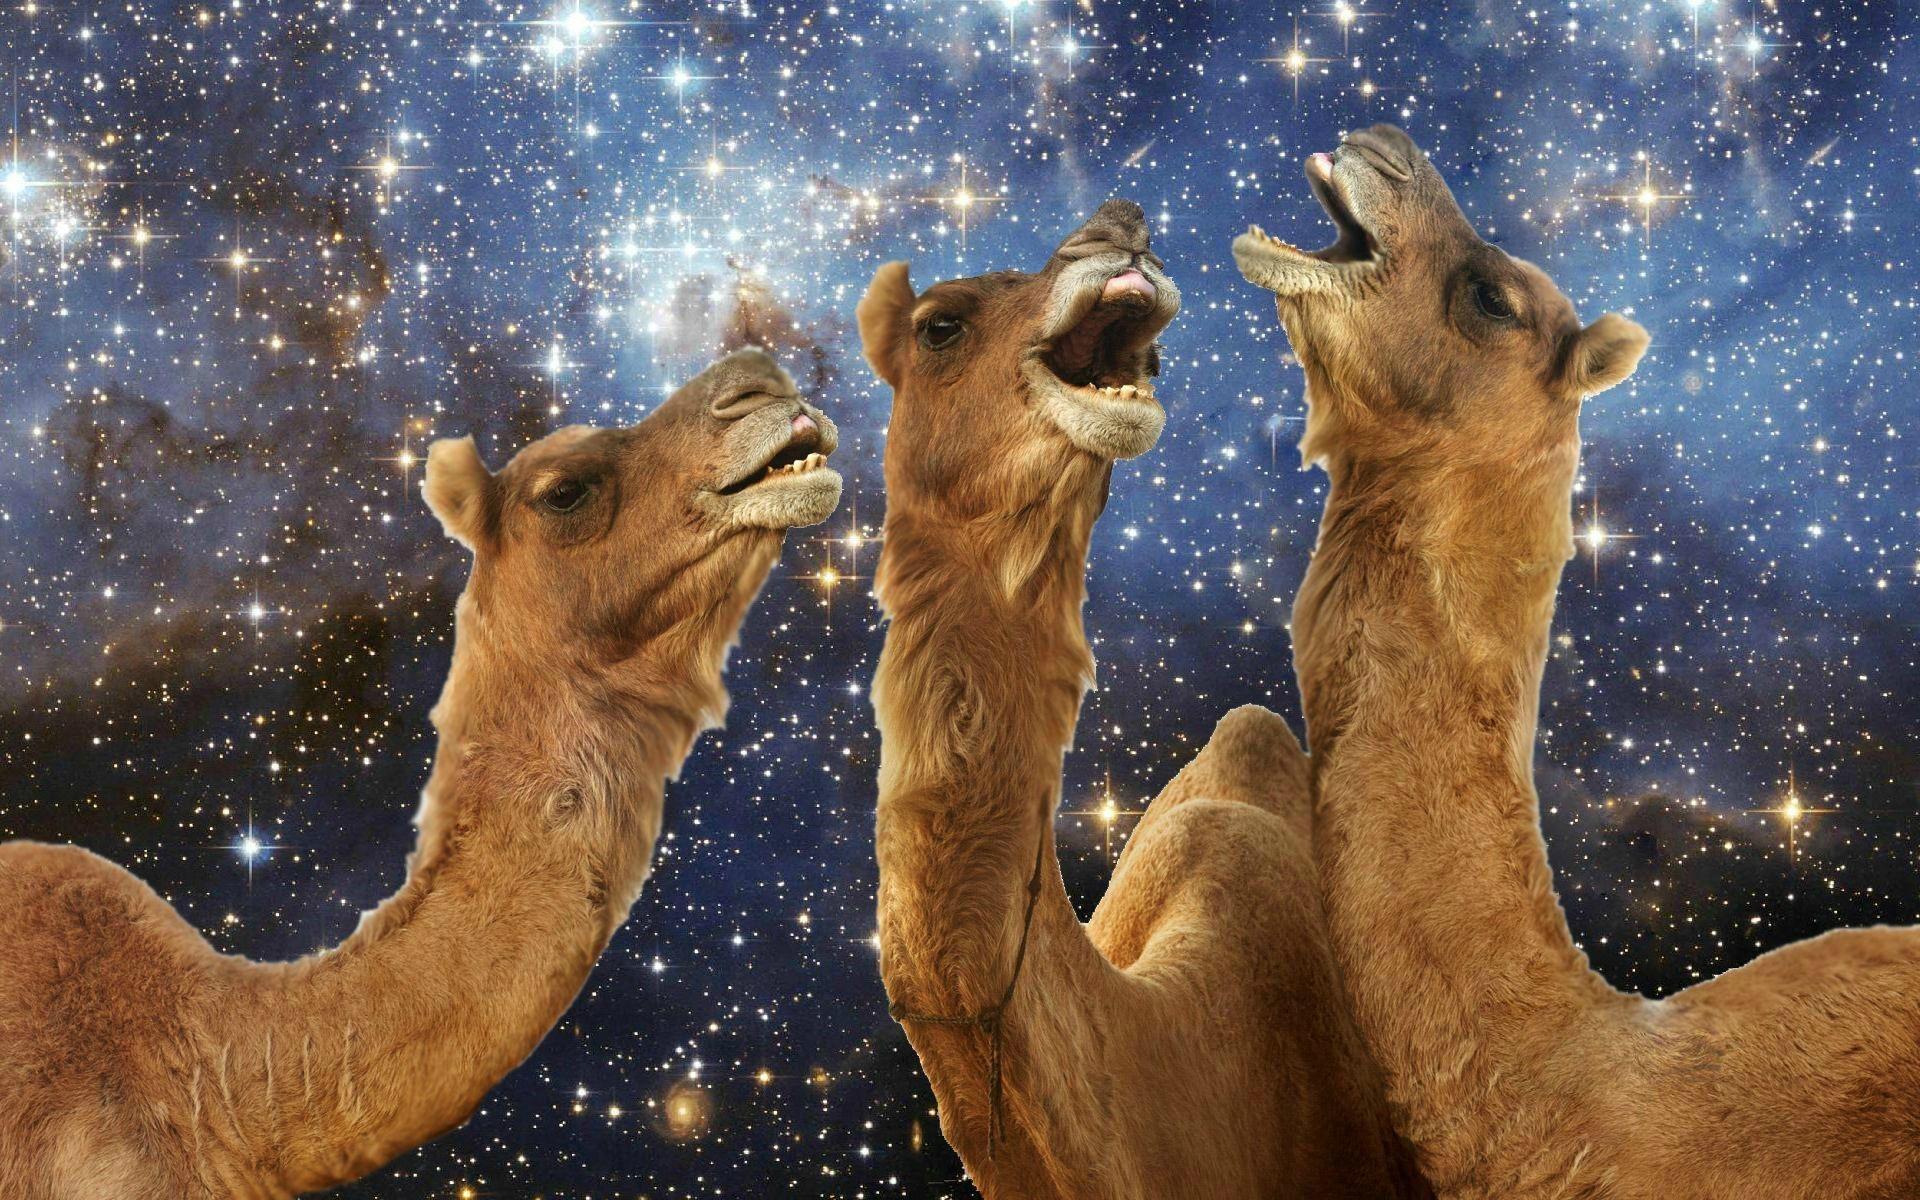 Llama lachen wallpaper 11460 PC de 1920x1200